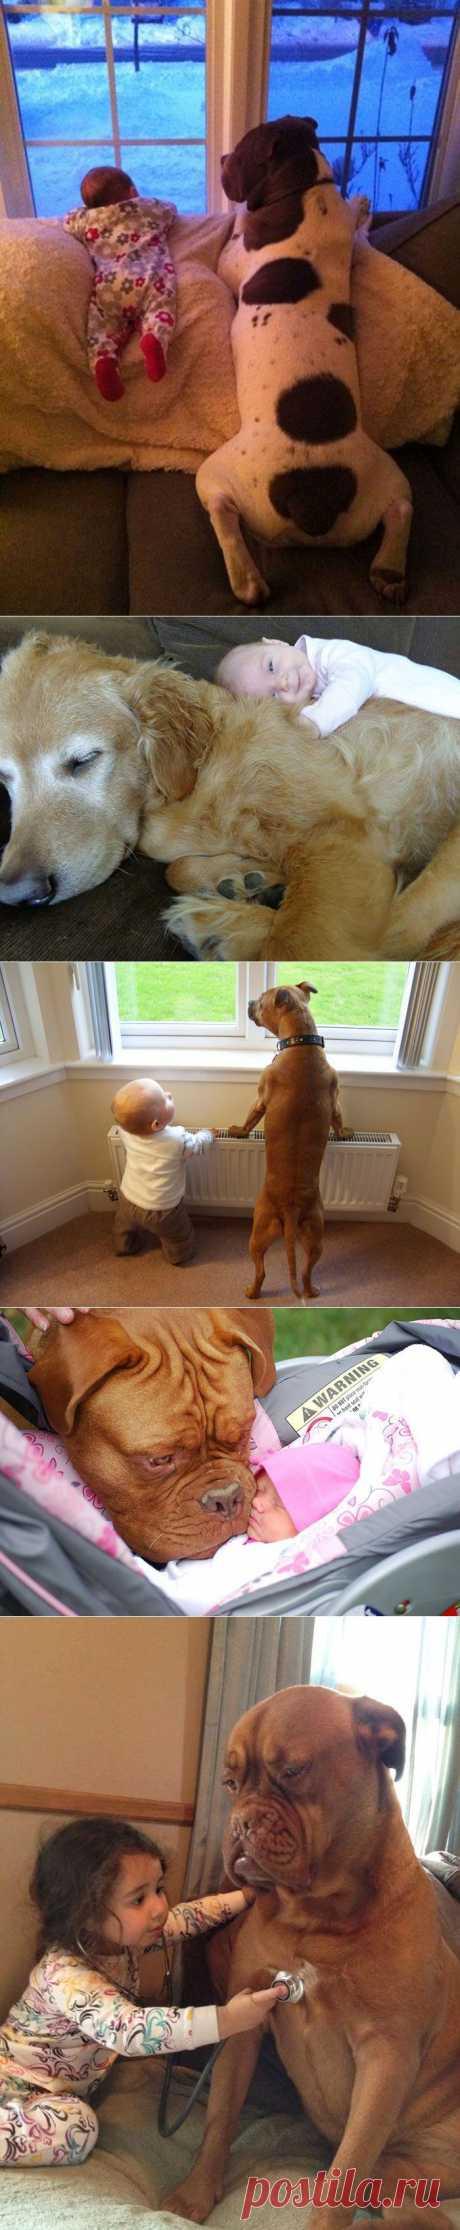 Маленькие дети и их большие собаки | Уши, лапы, хвост